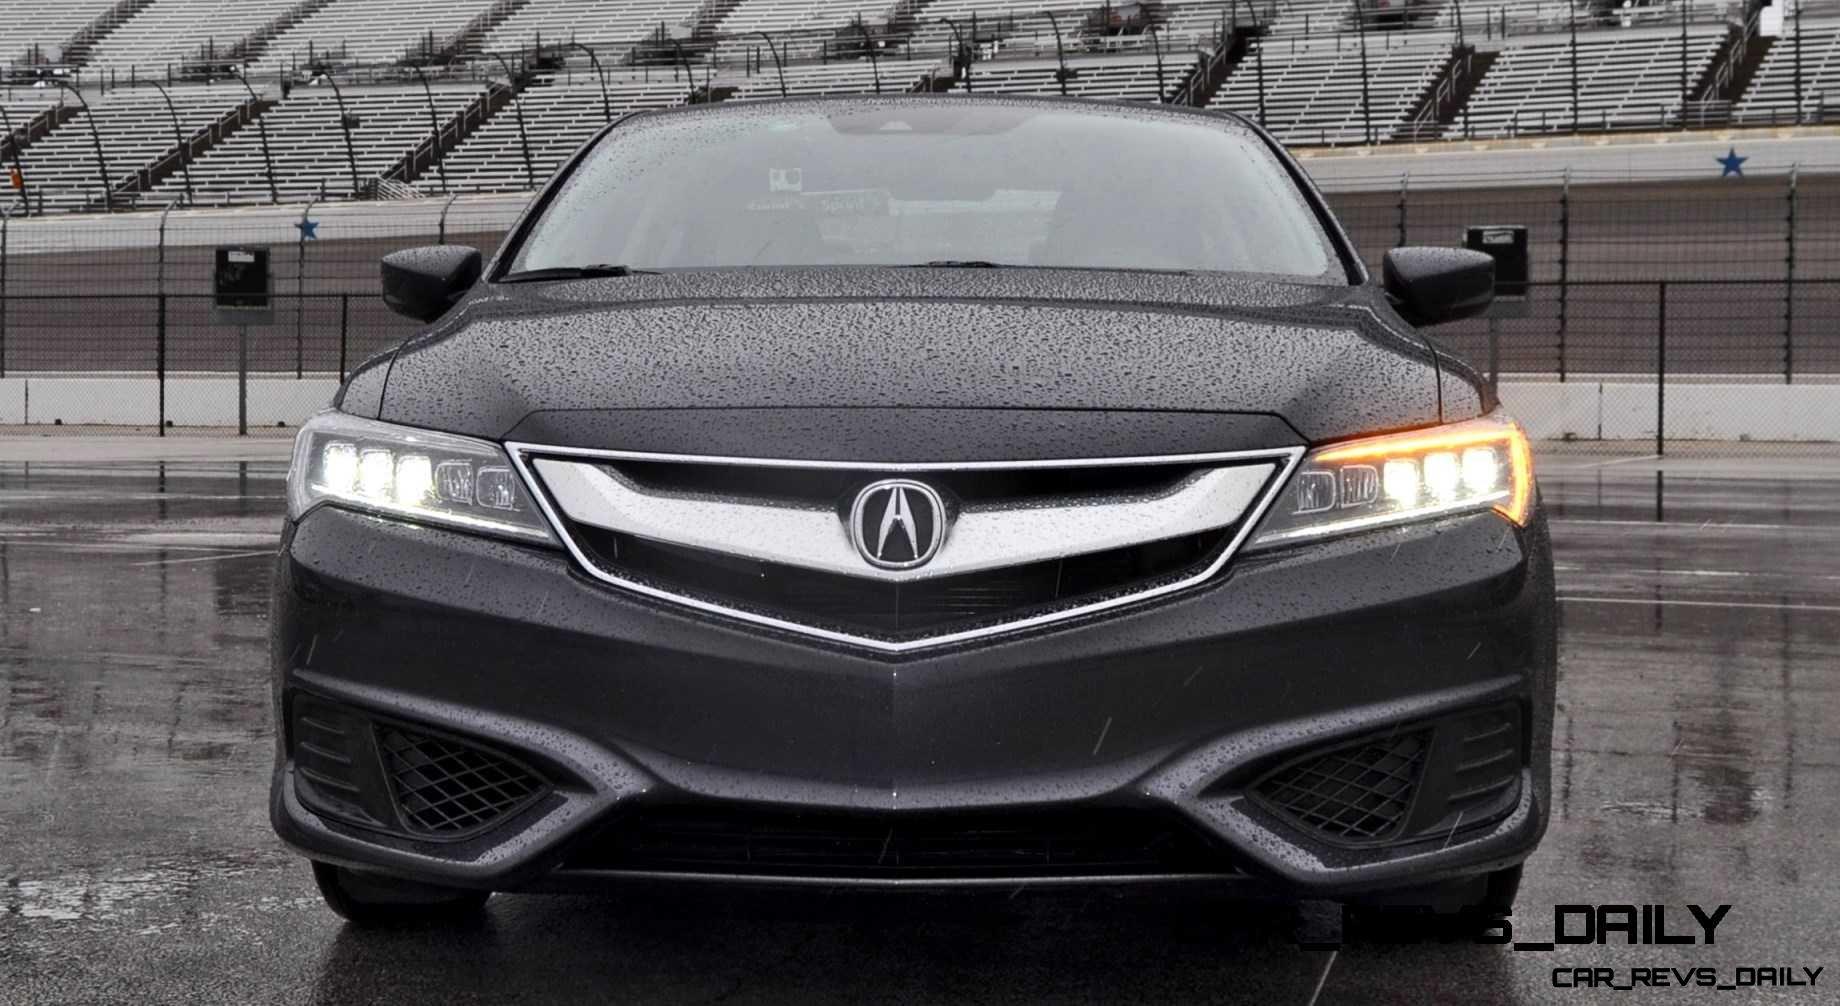 2016 Acura ILX Graphite Luster 71